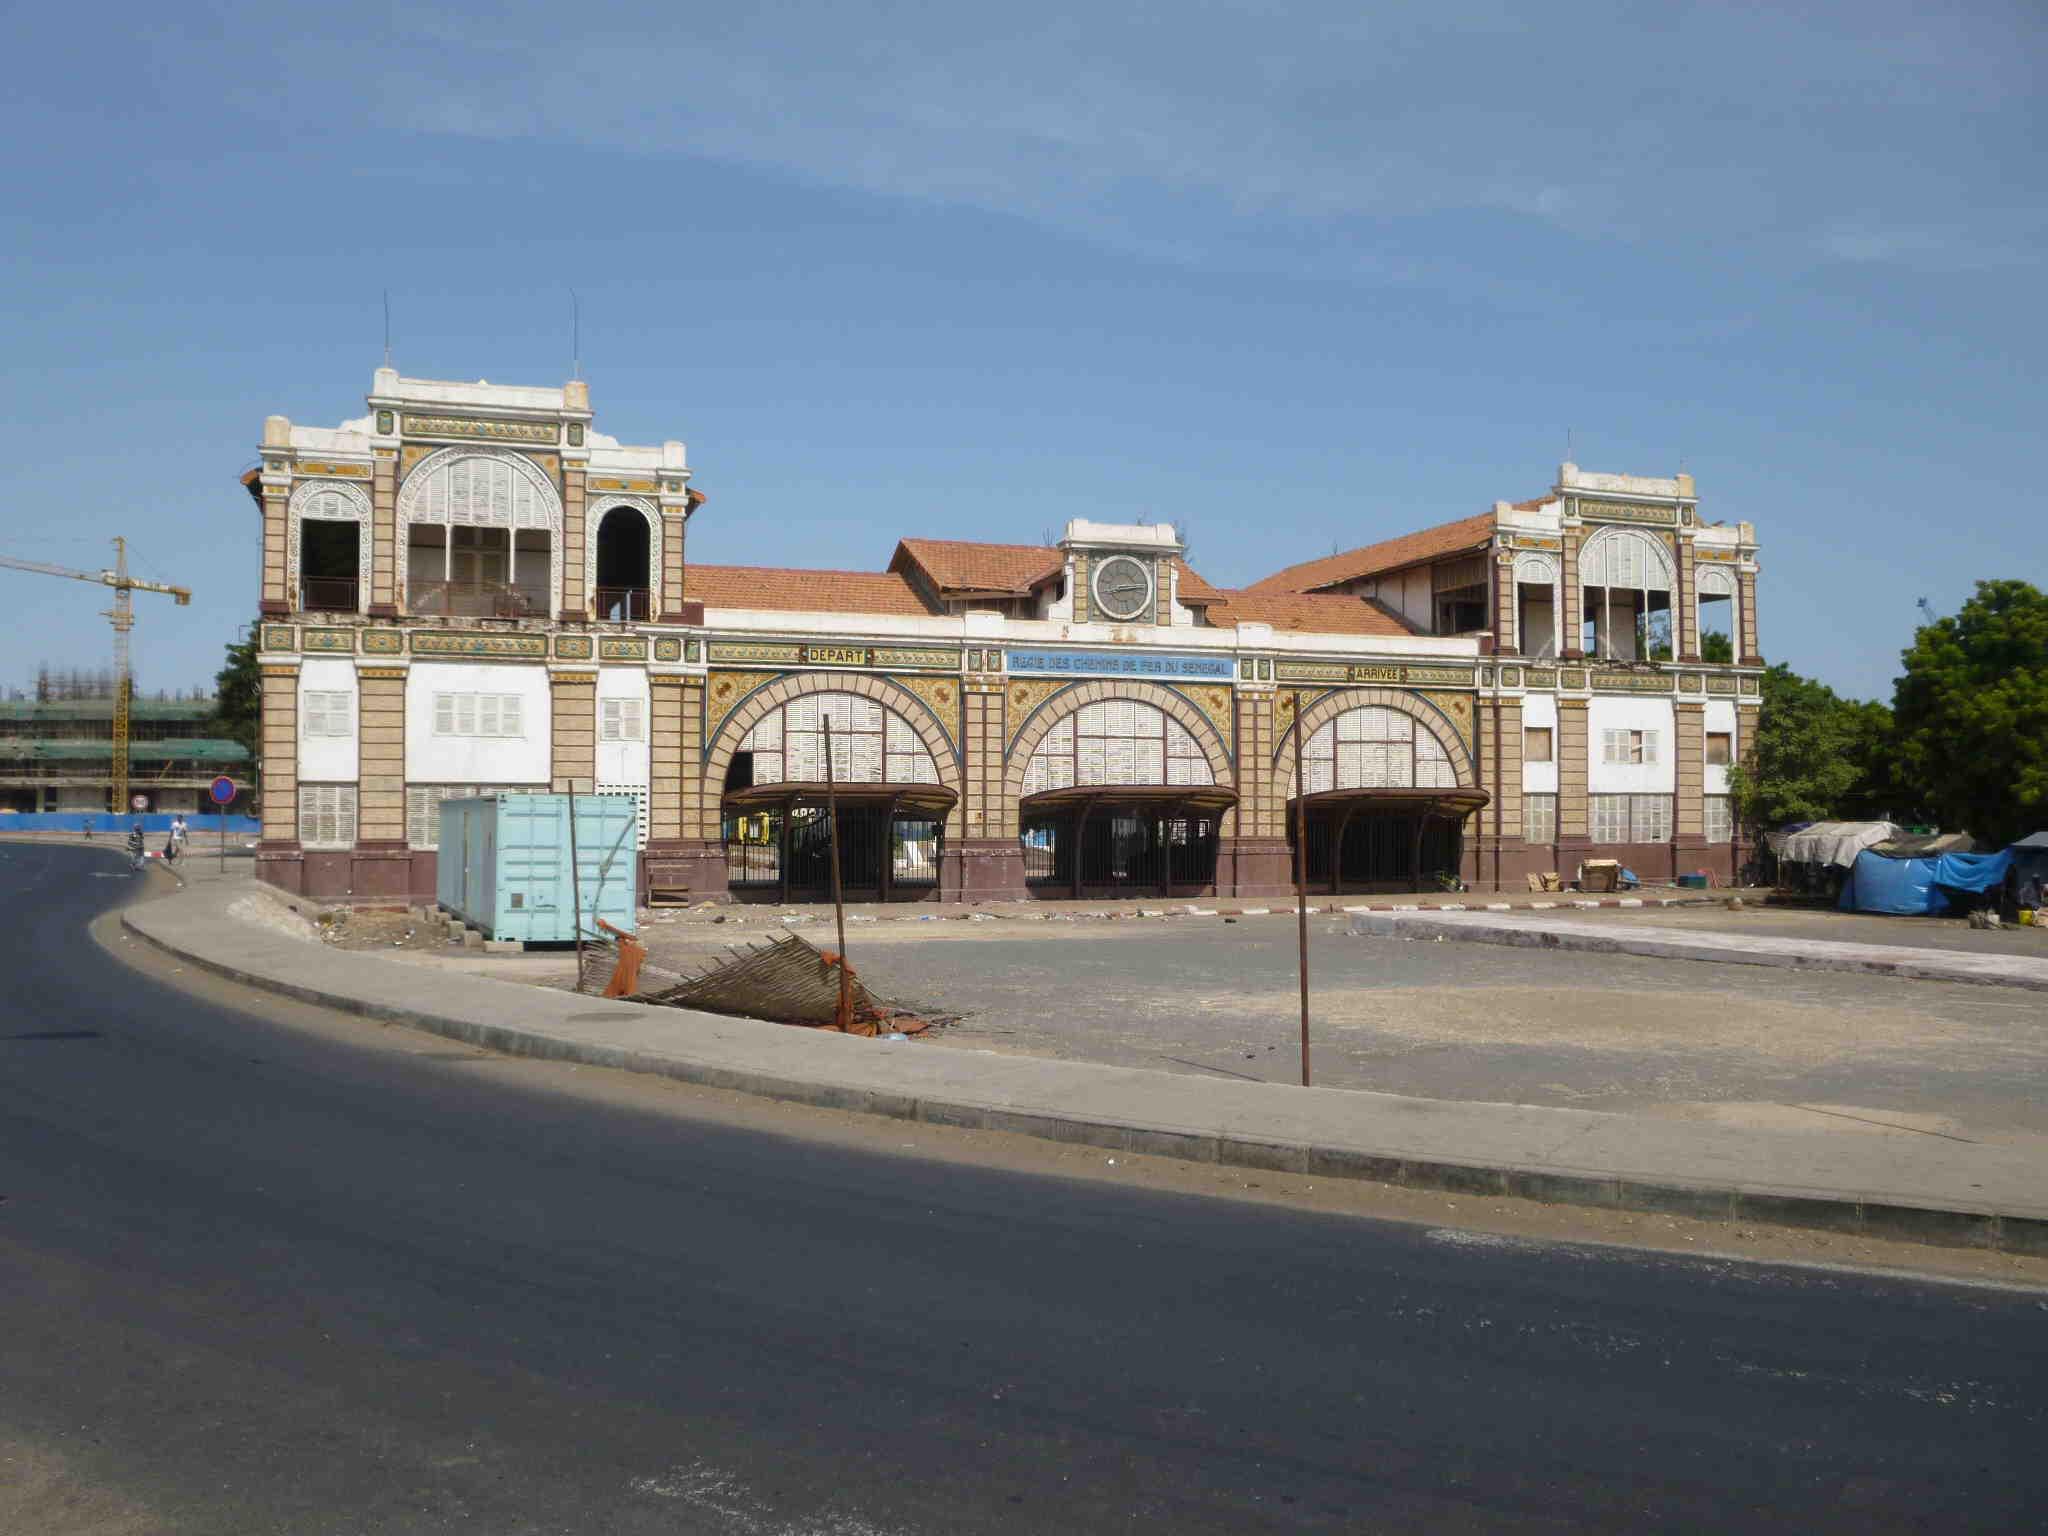 ダカールの鉄道中央駅。ダカール市内には、歴史的な建造部が残っており、まちなみのアクセントとなっています。